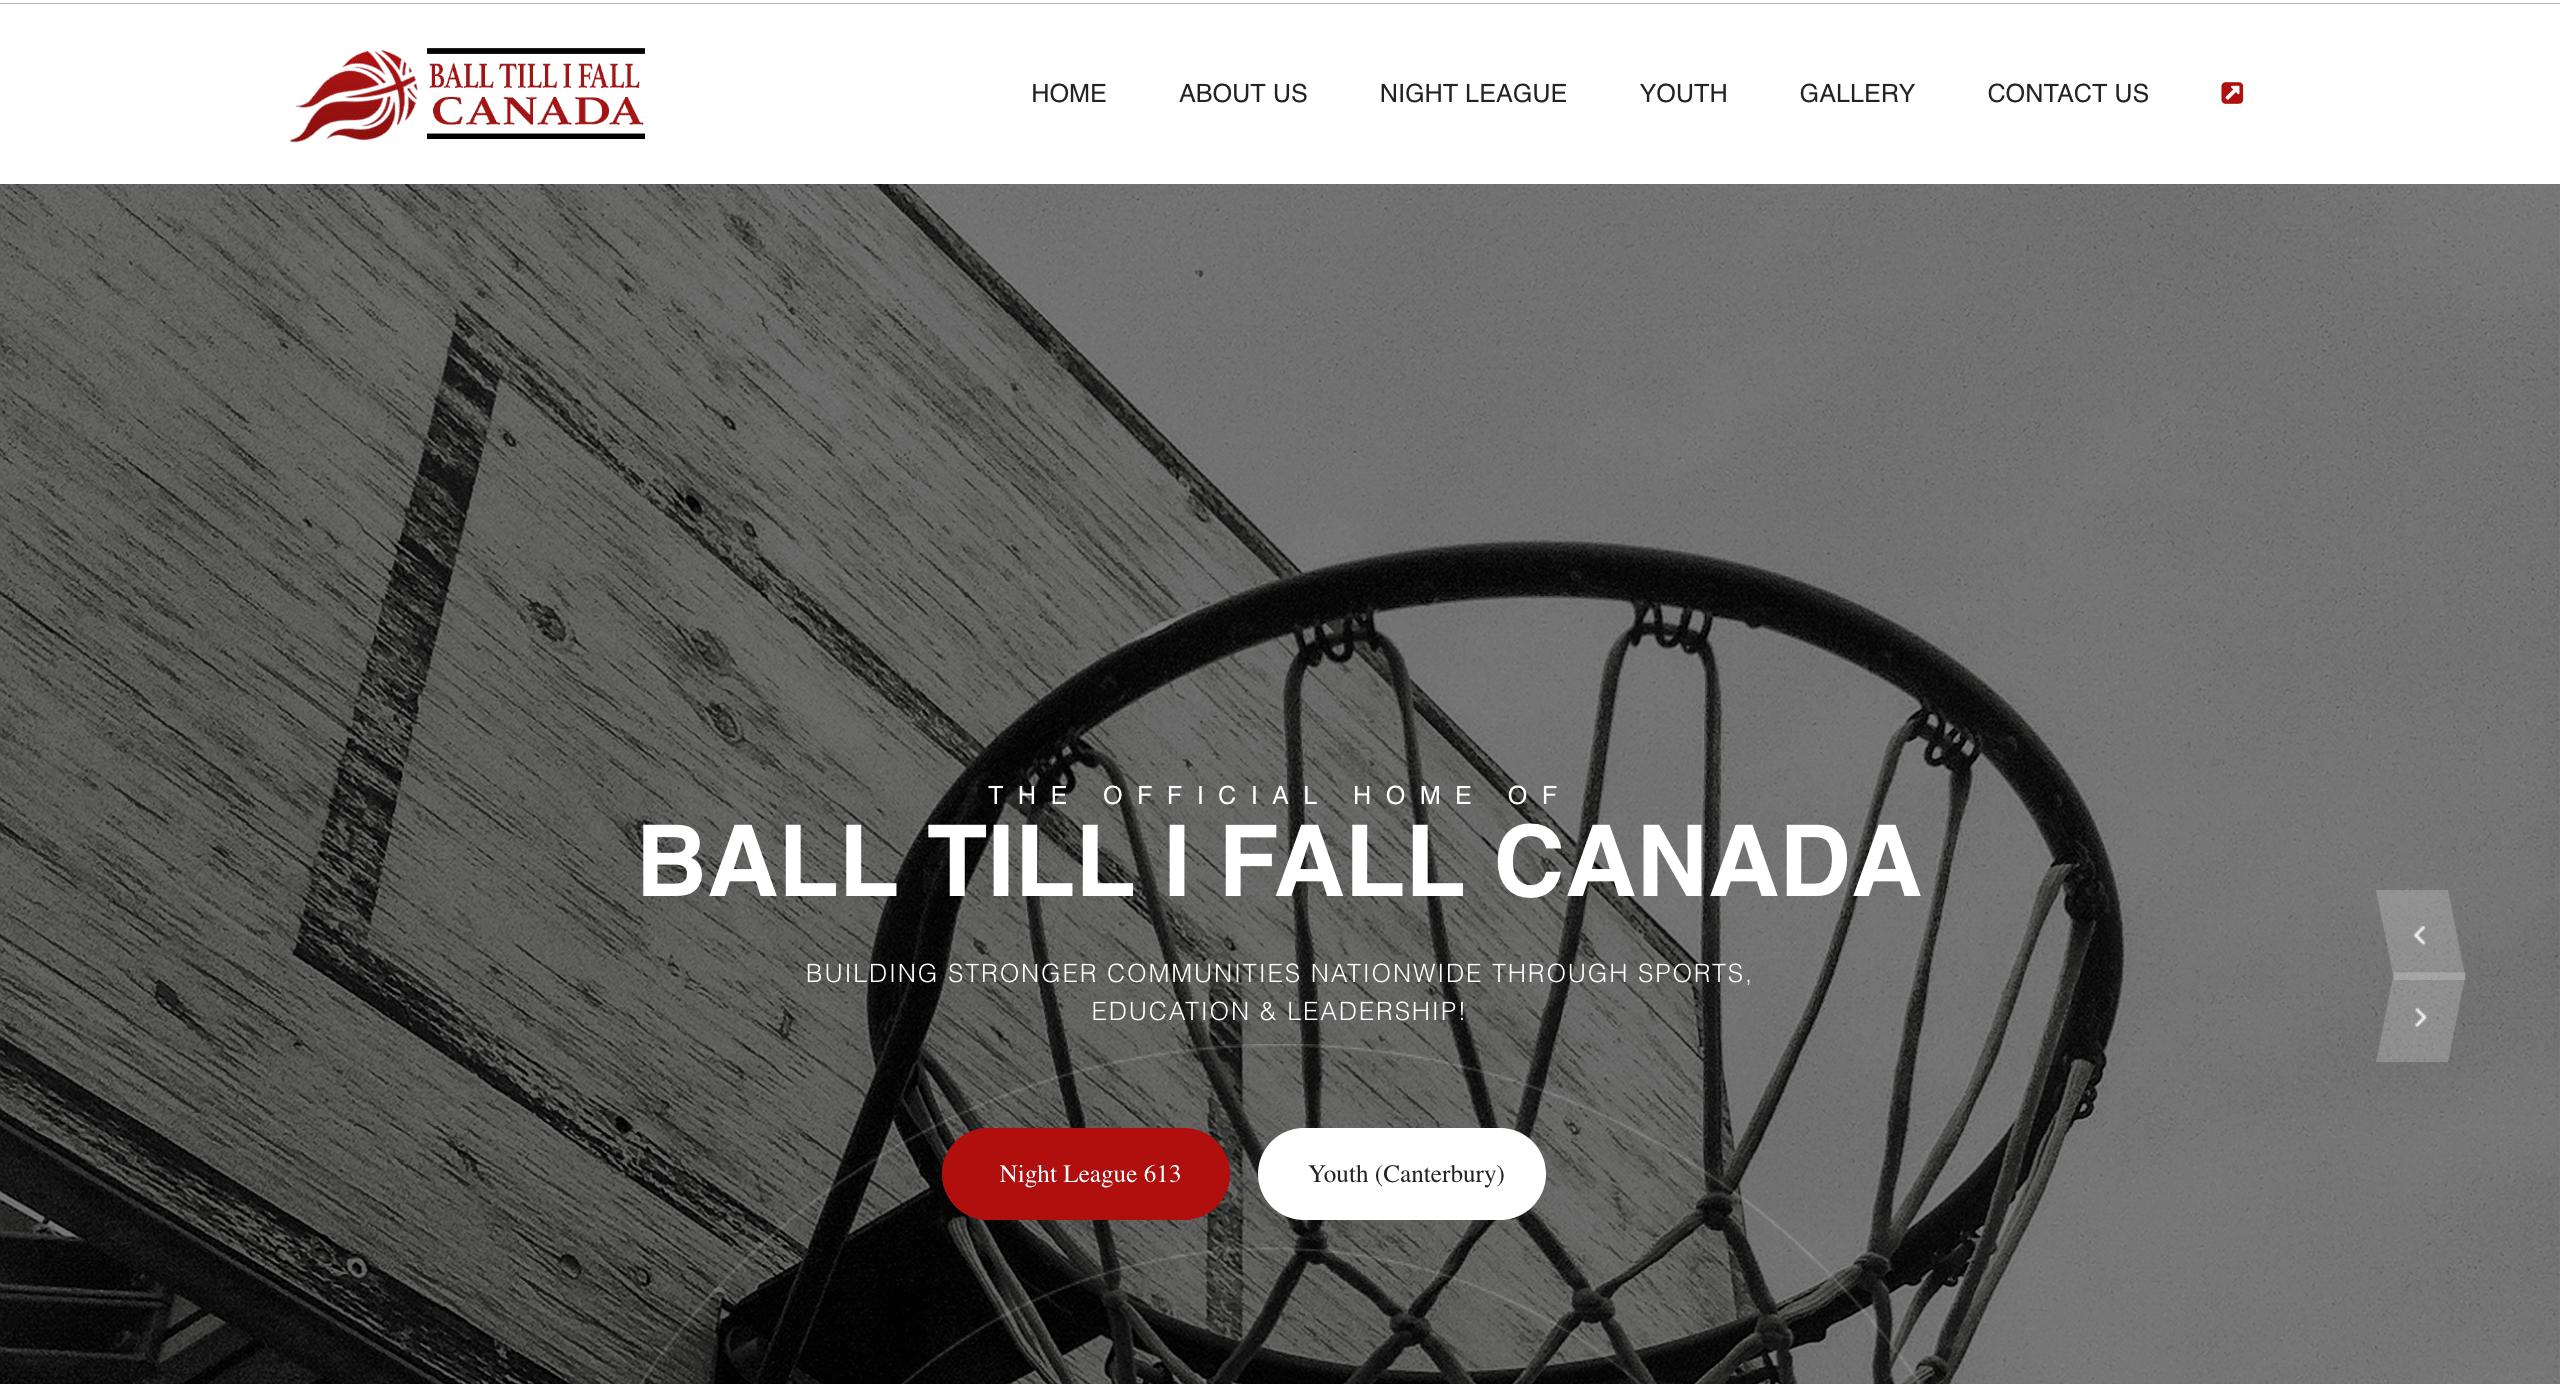 Ball Till I Fall